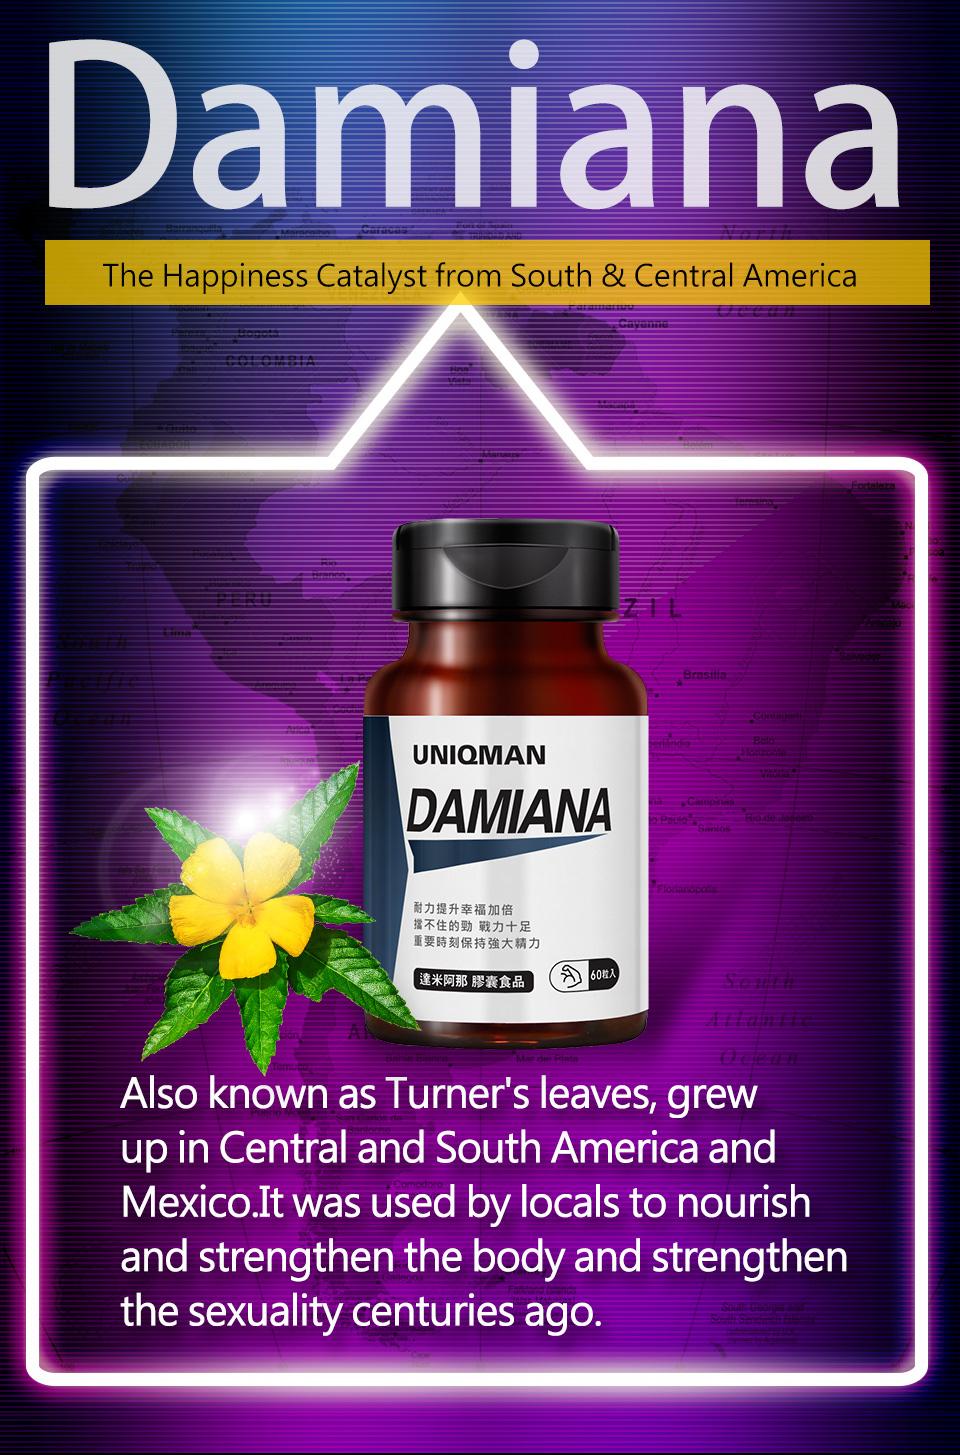 達米阿那生長於中南美洲,能夠調節體質,用來增進夫妻感情,能強化男性性能力,增加性慾